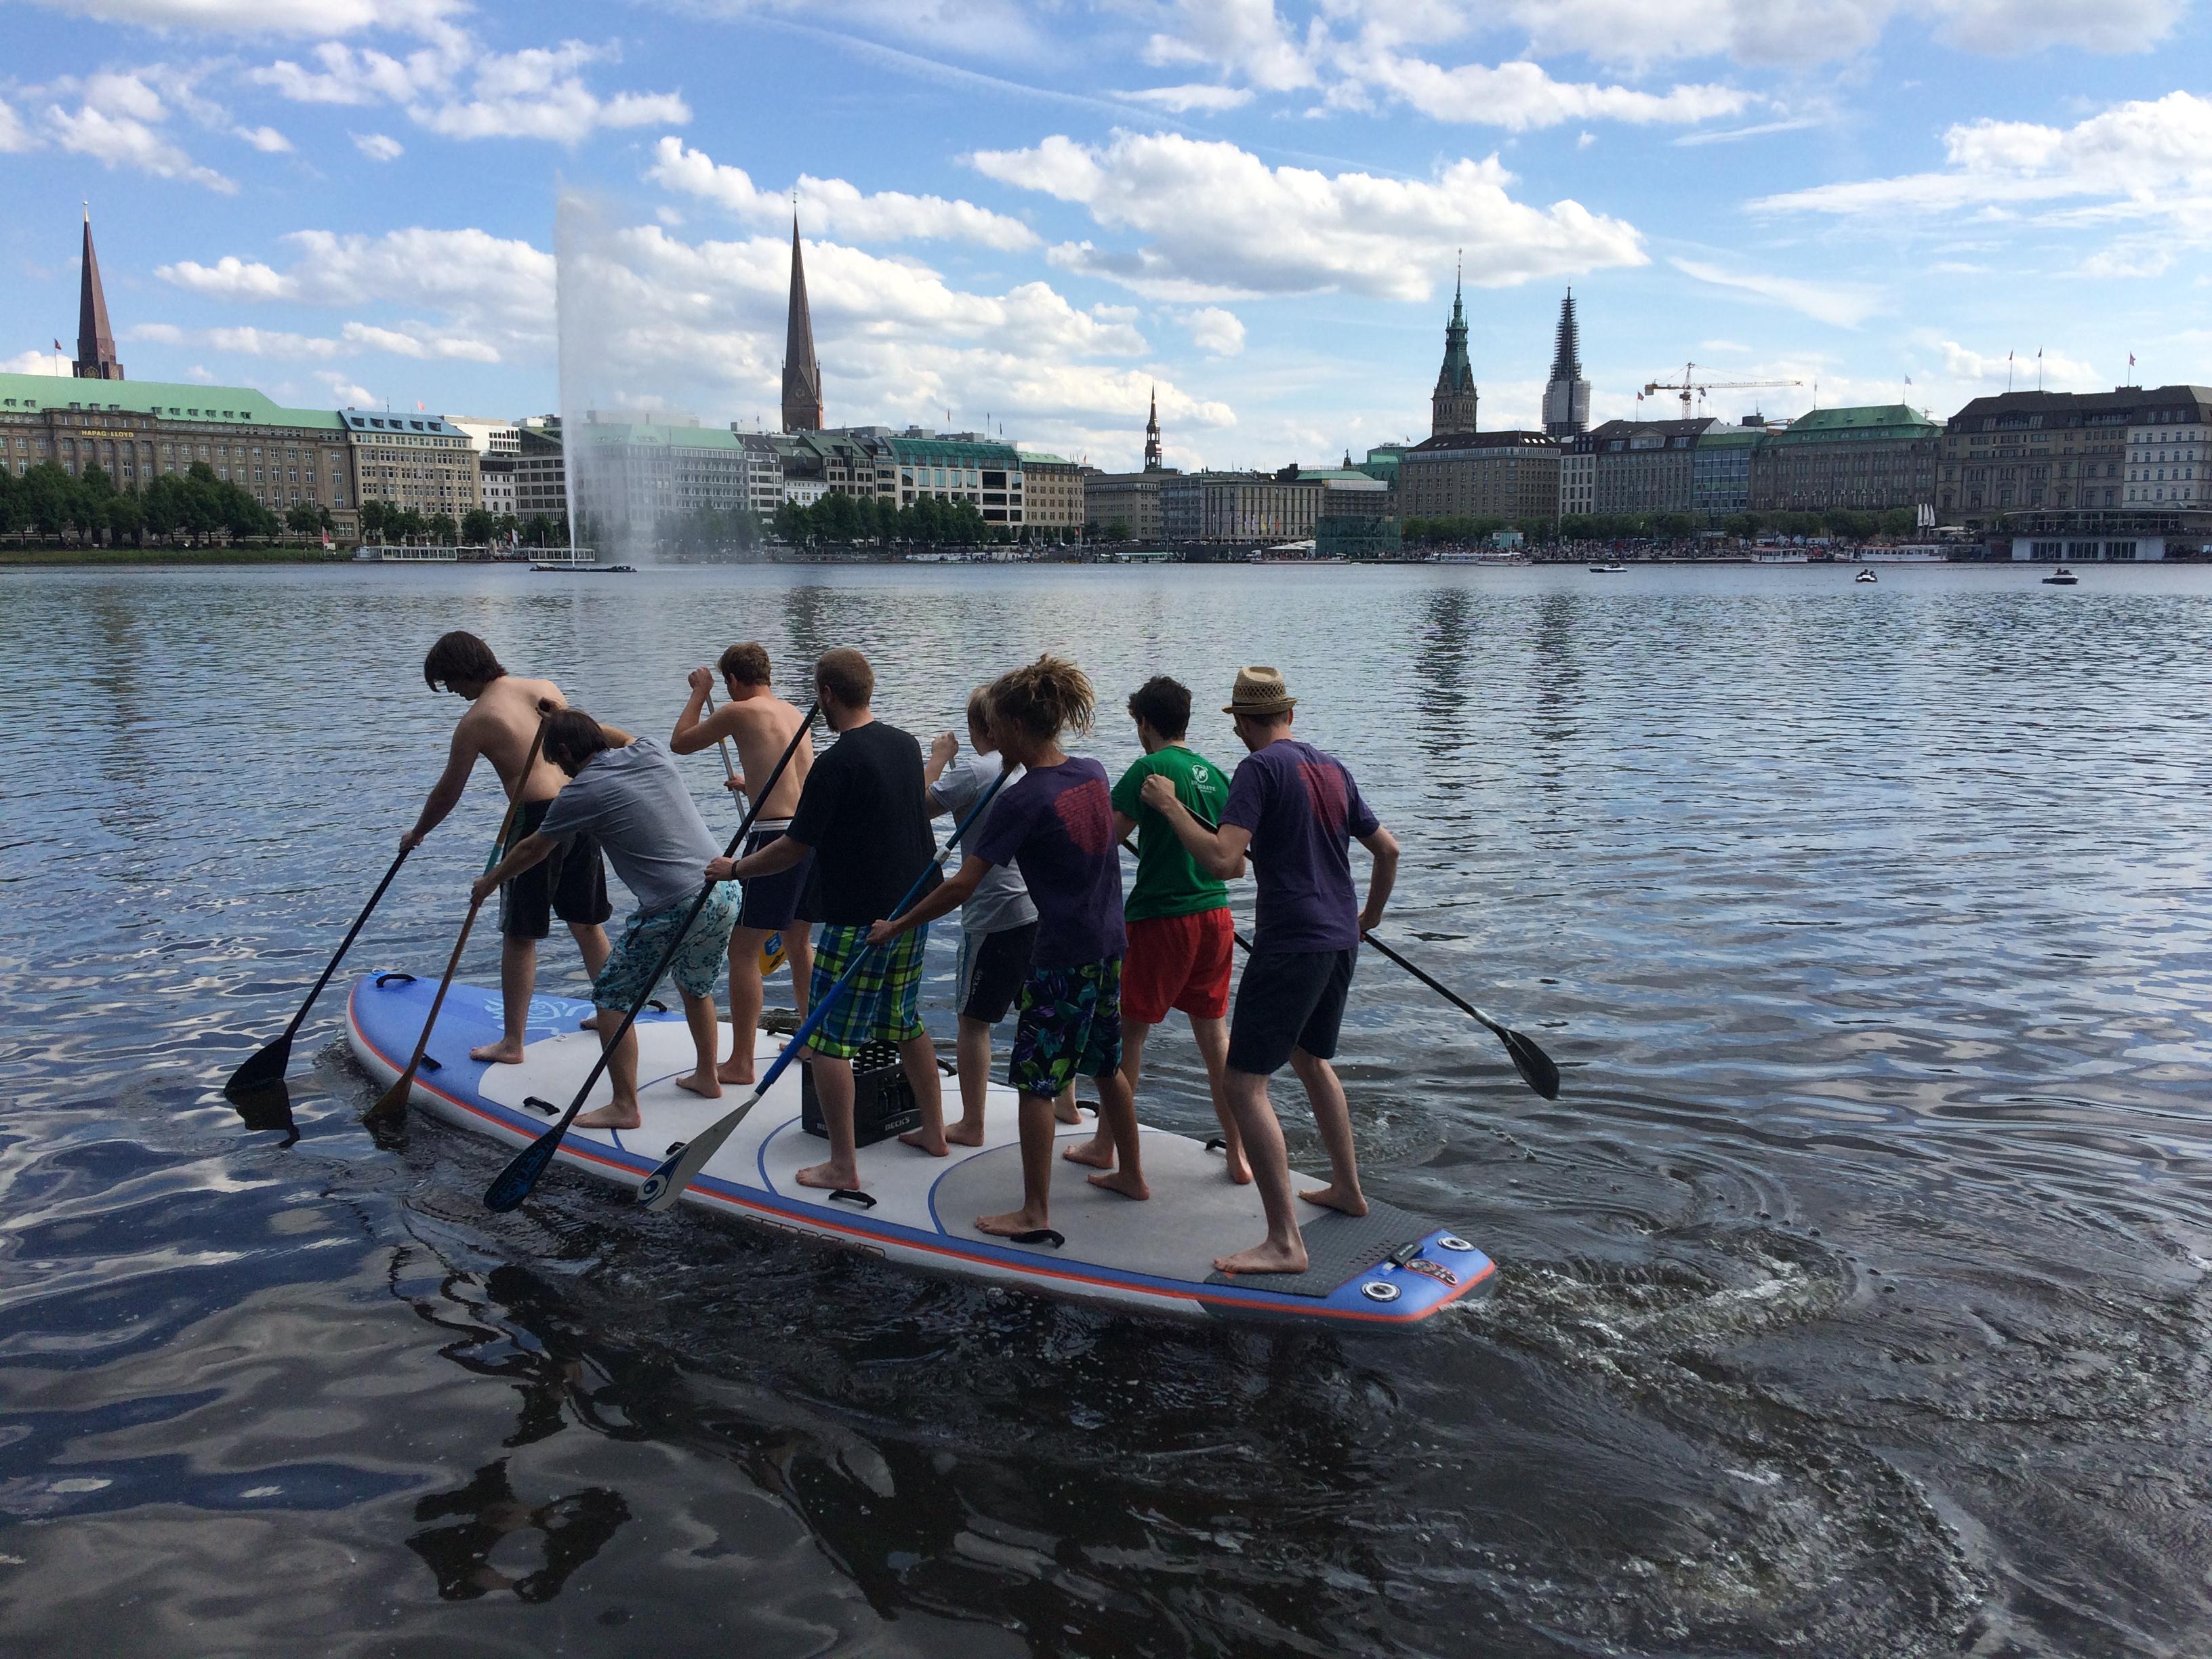 Underbar Als Team auf ein SUP | SUP Gruppenevents in Hamburg YR-56